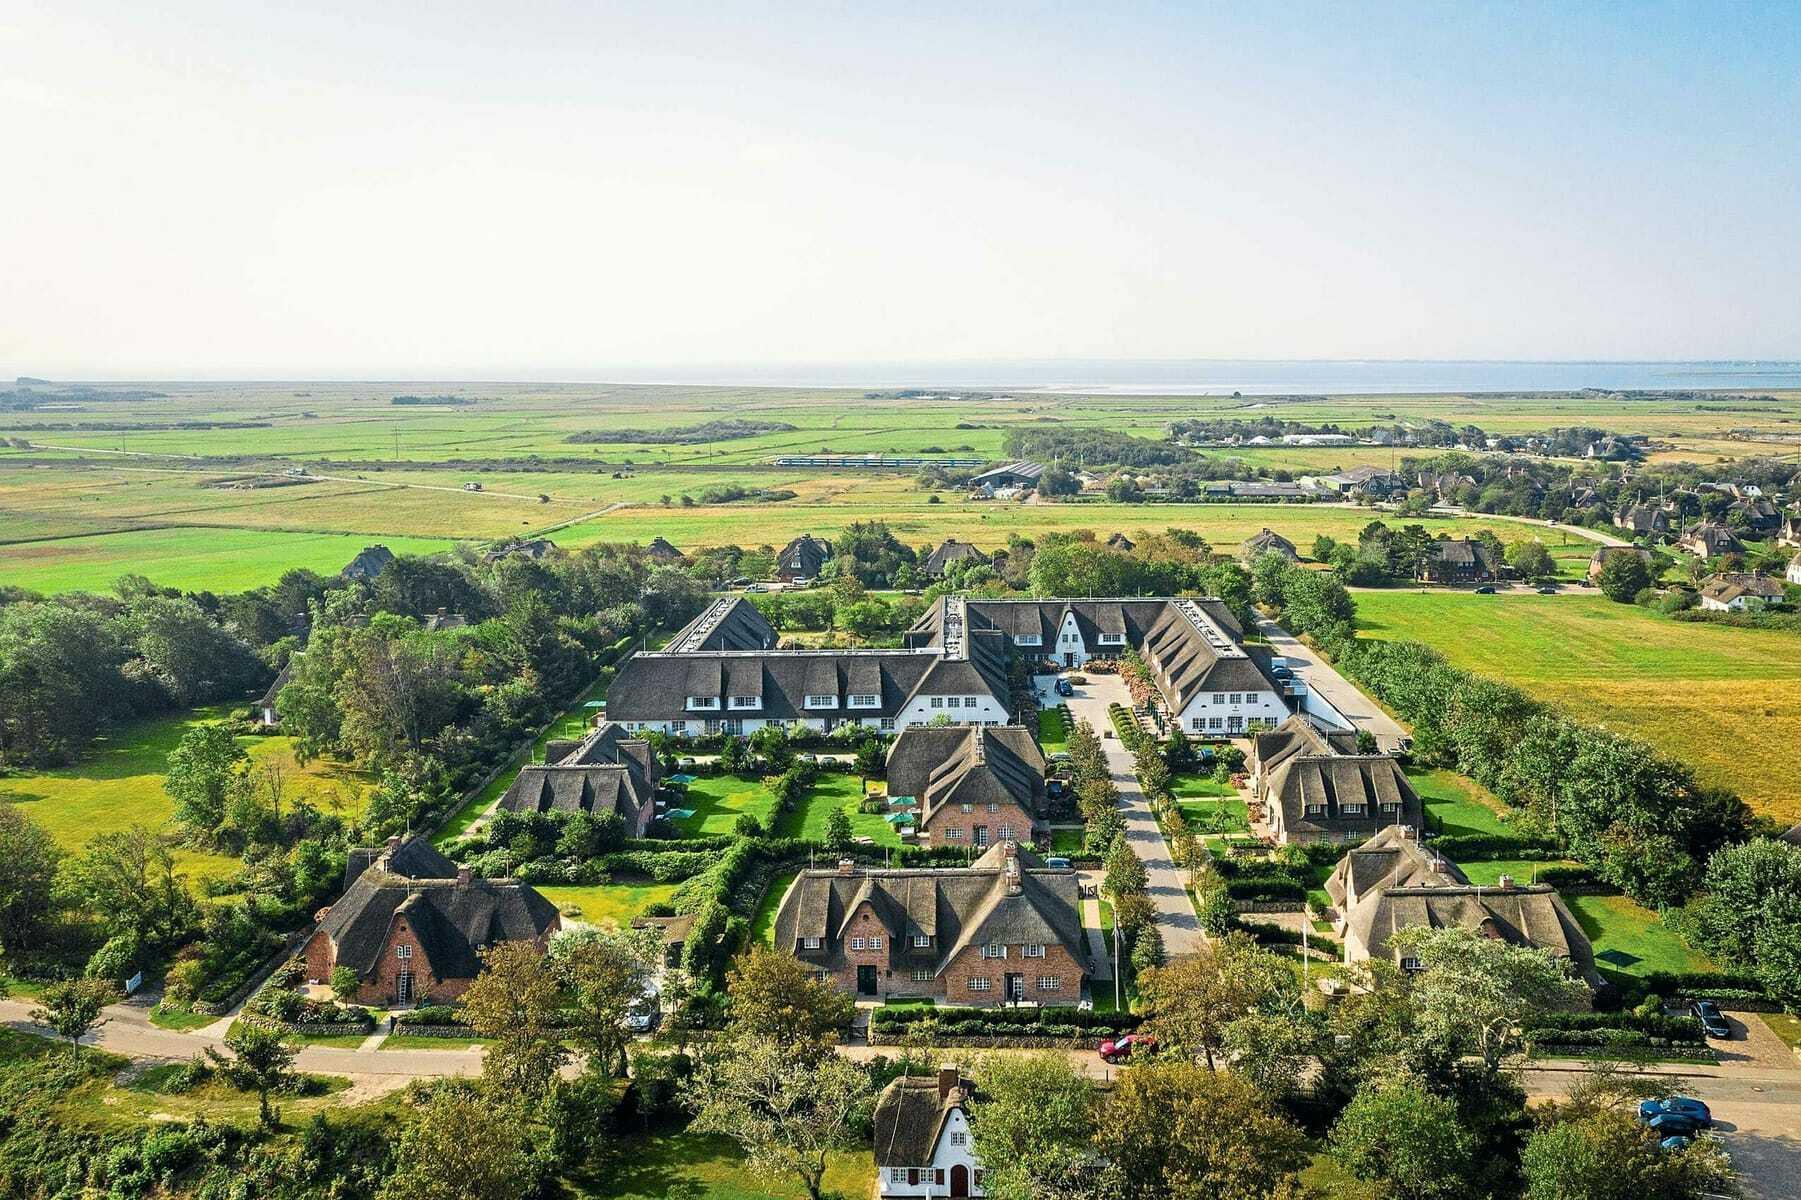 Blick von oben auf die Häuser_Severins_Resort_Spa_Keitum-Sylt